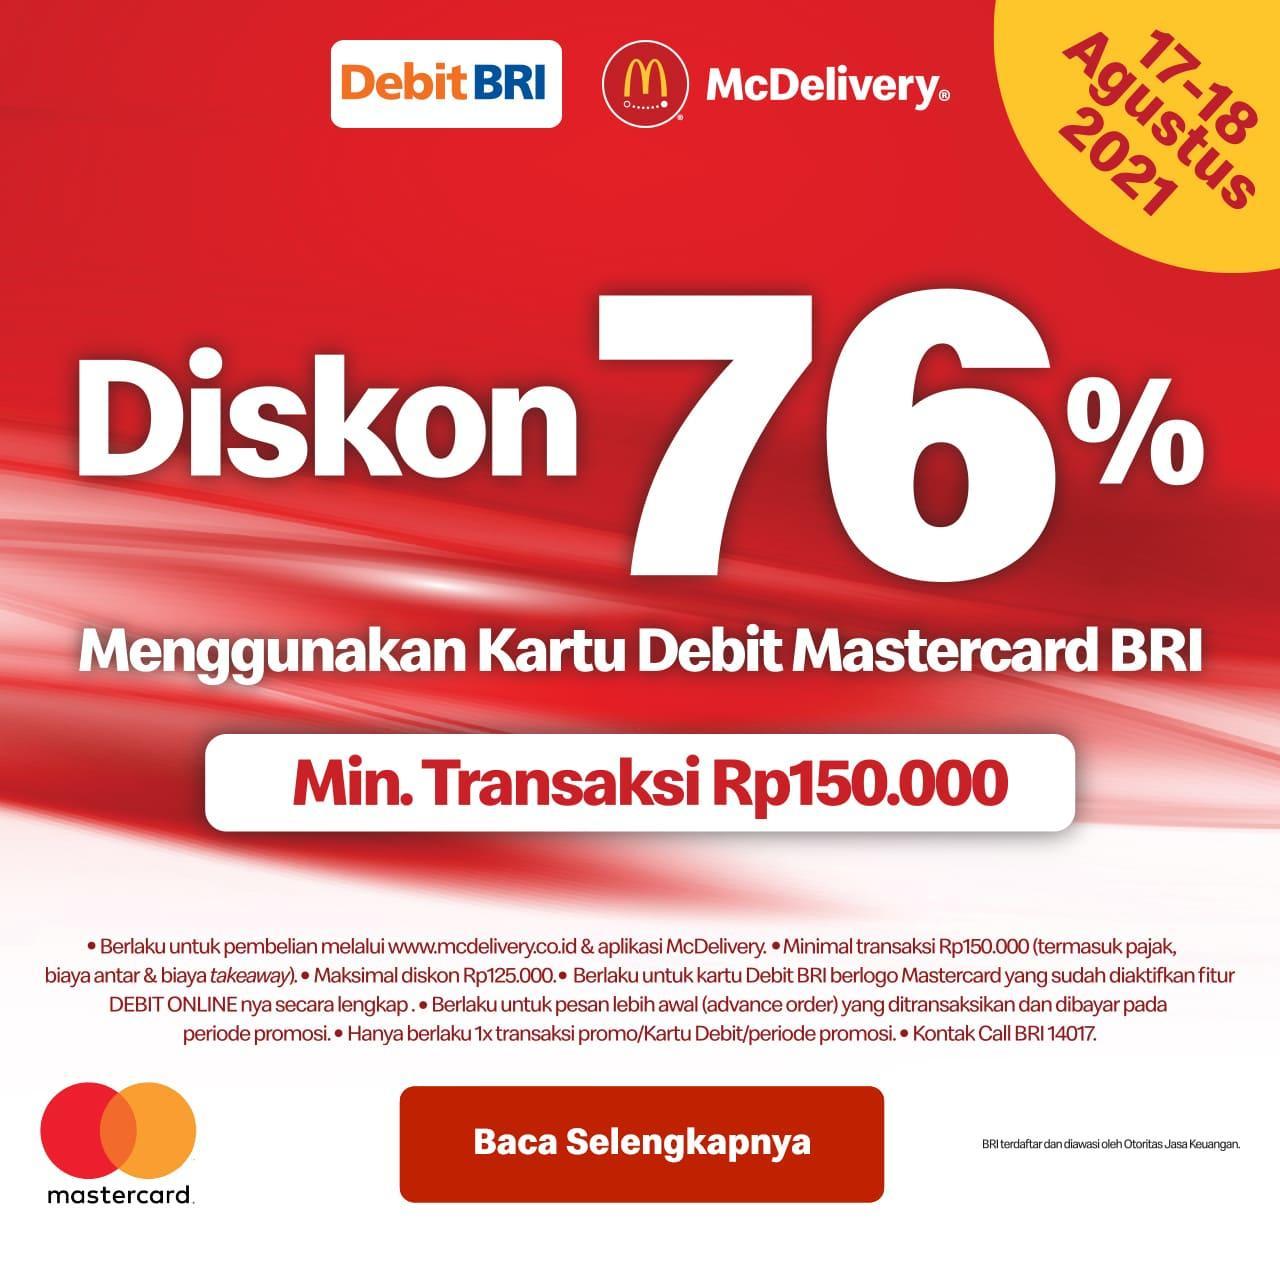 Promo 17 agustus McDonalds - Diskon 76% dengan Kartu Debit BRI berlogo Mastercard